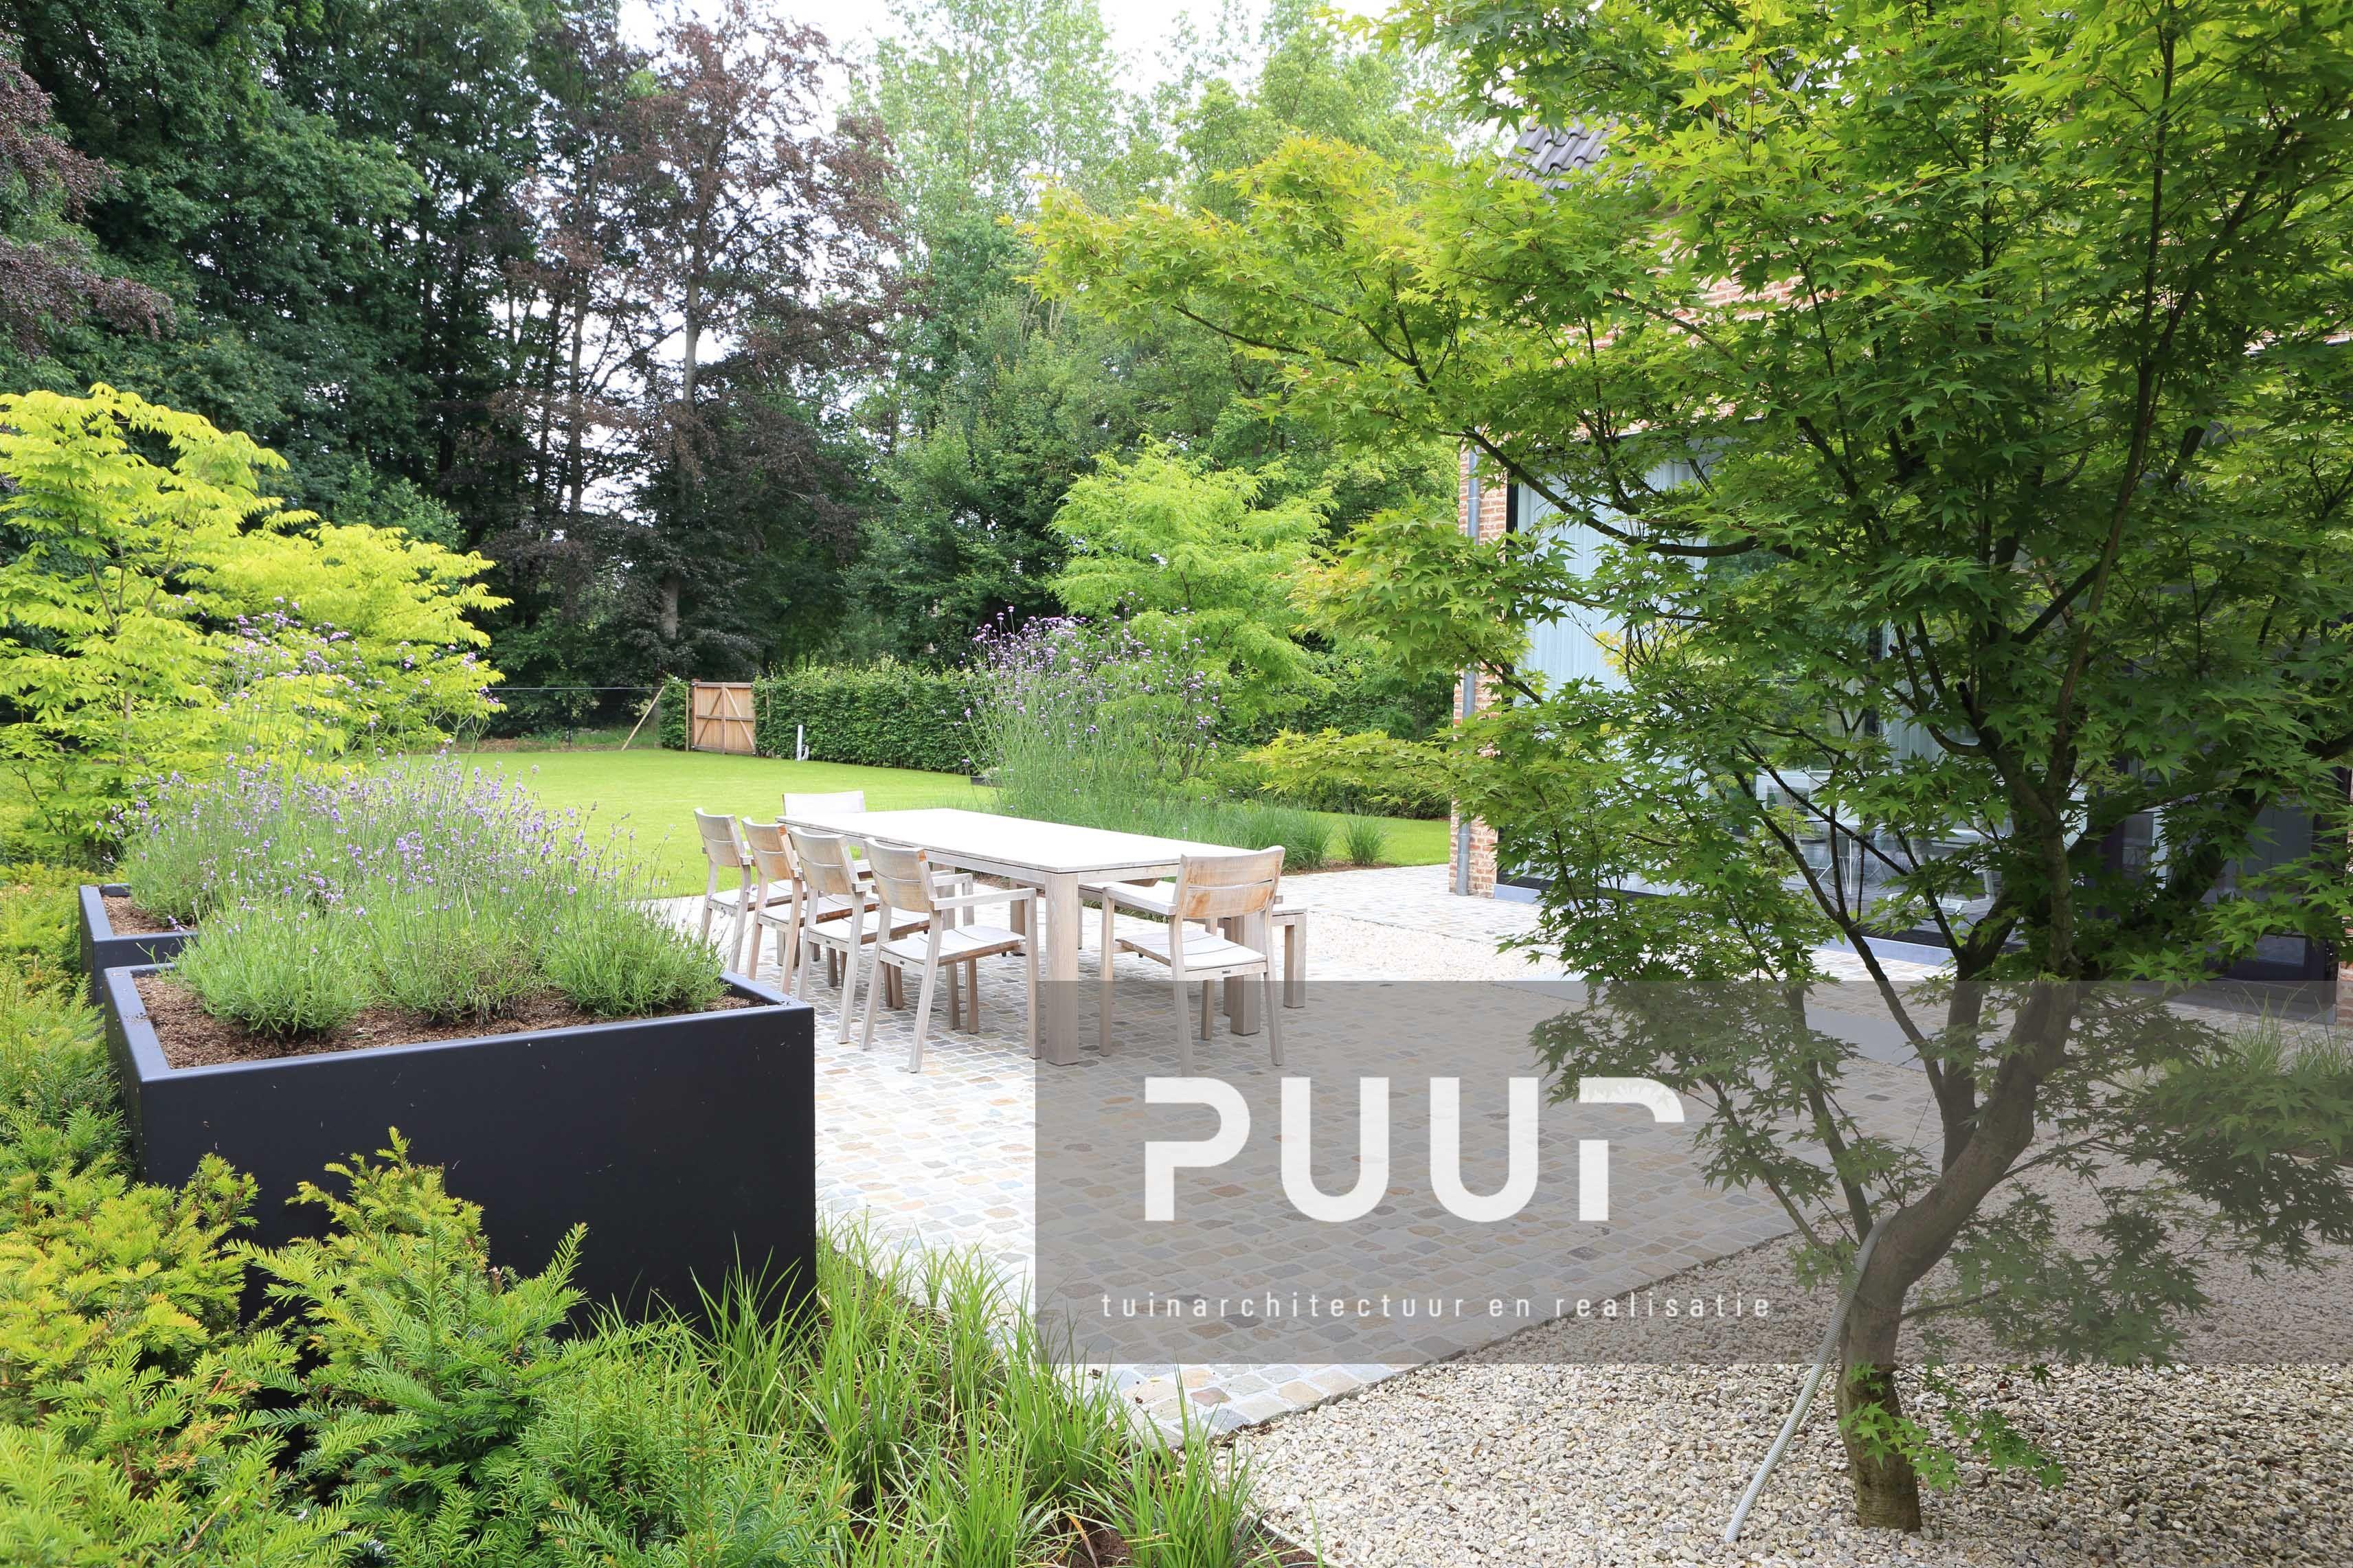 Strakke tuin met sfeervolle terraszone puur groenprojecten